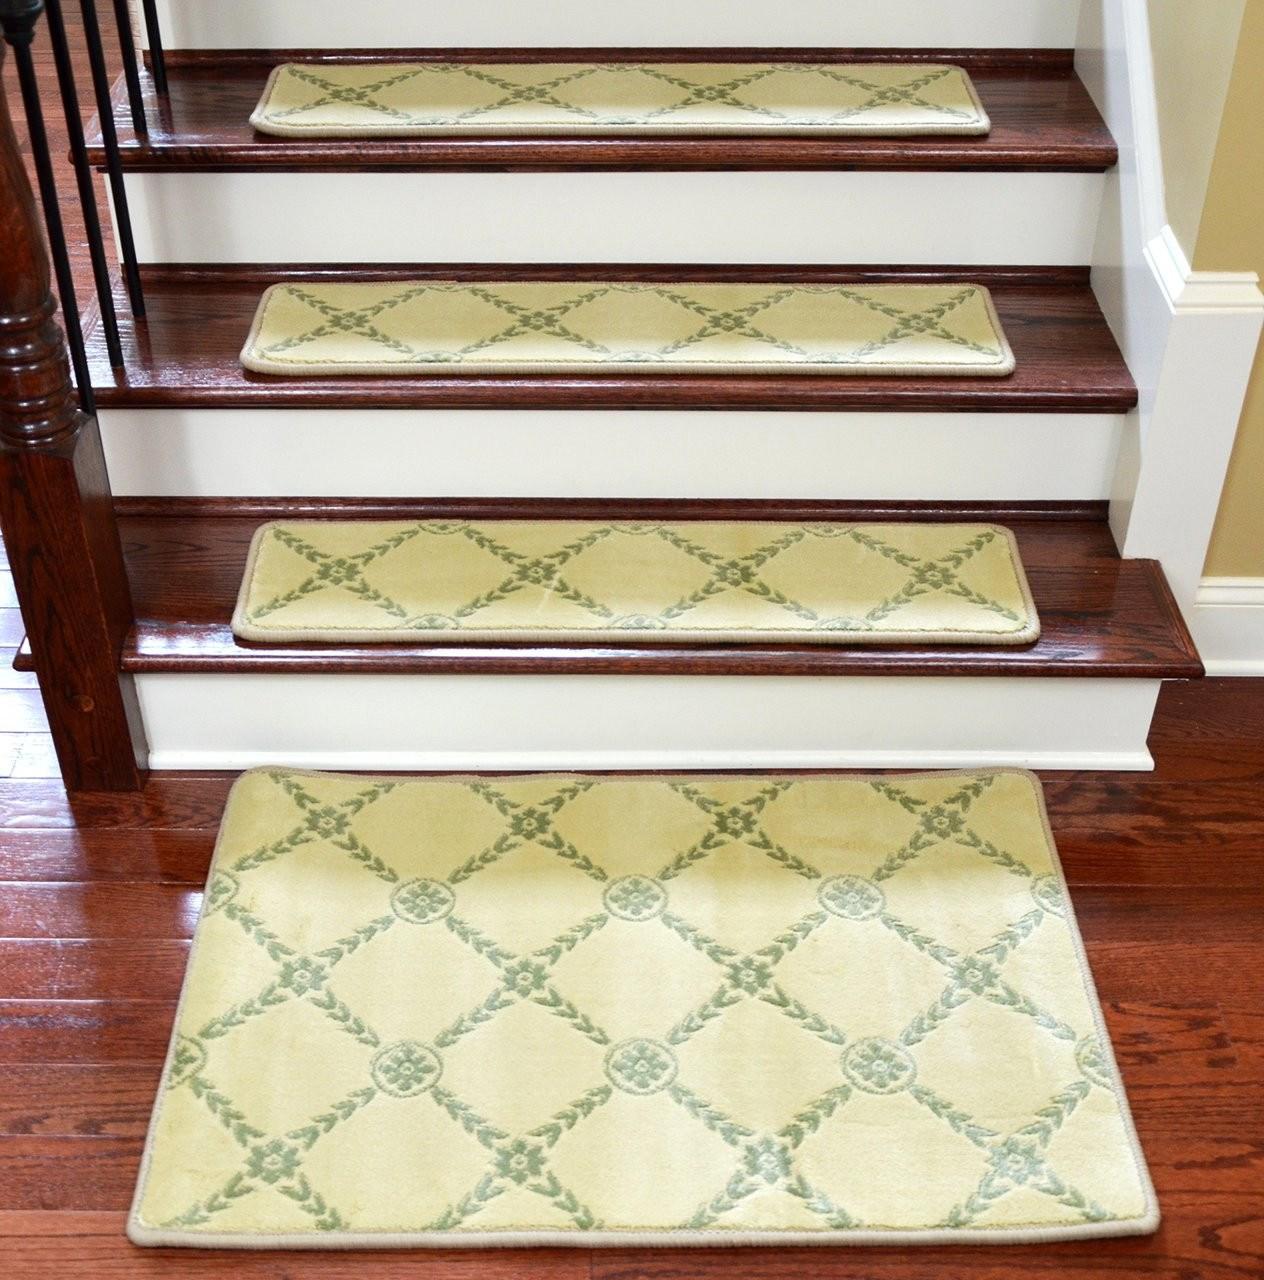 Dean Premium Non Skid Carpet Stair Treads Runner Rugs Duchess   Non Skid Carpet Stair Treads   Stair Runner   Bullnose Carpet   Flooring   Adhesive   Amazon